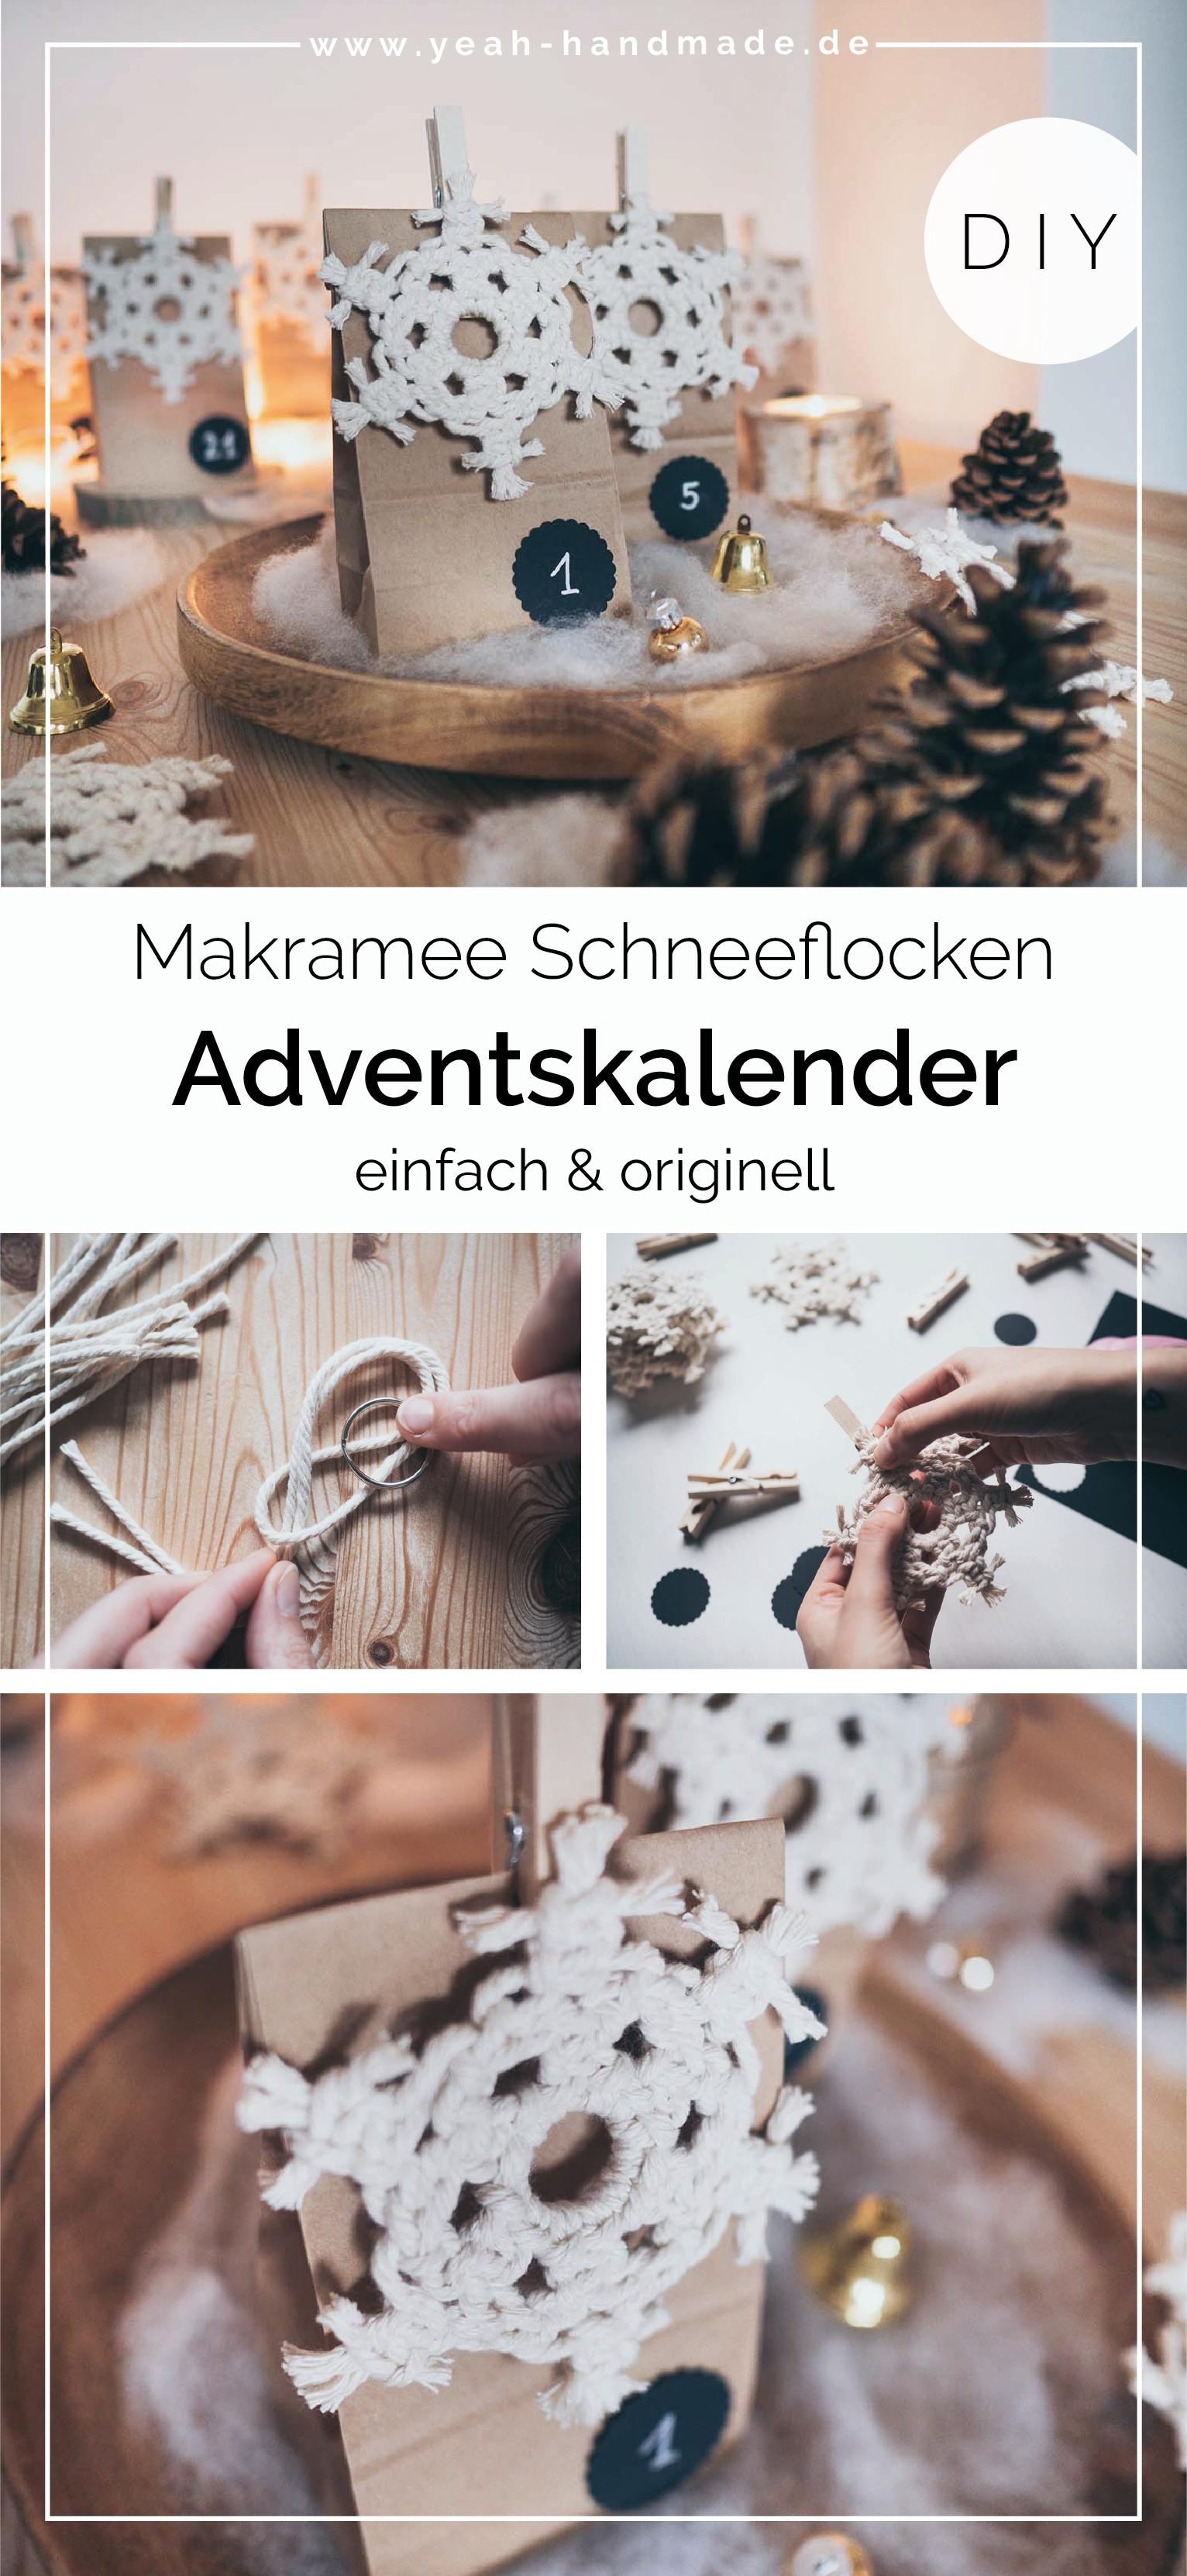 DIY Adventskalender basteln mit Makramee Schneeflocke zum